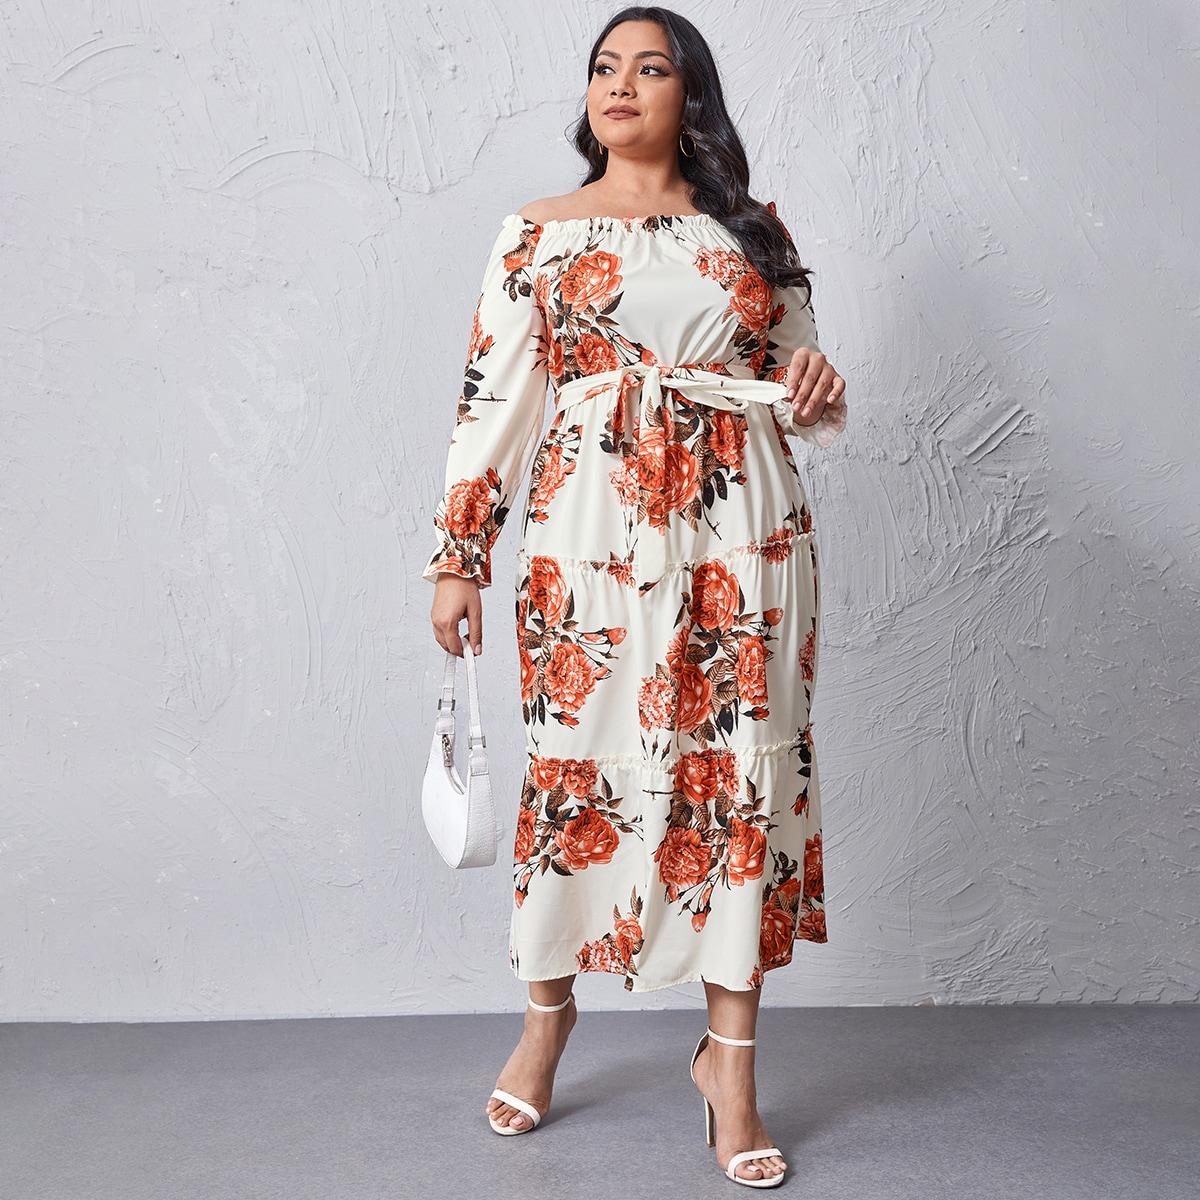 Платье размера плюс с поясом, открытыми плечами и цветочным принтом